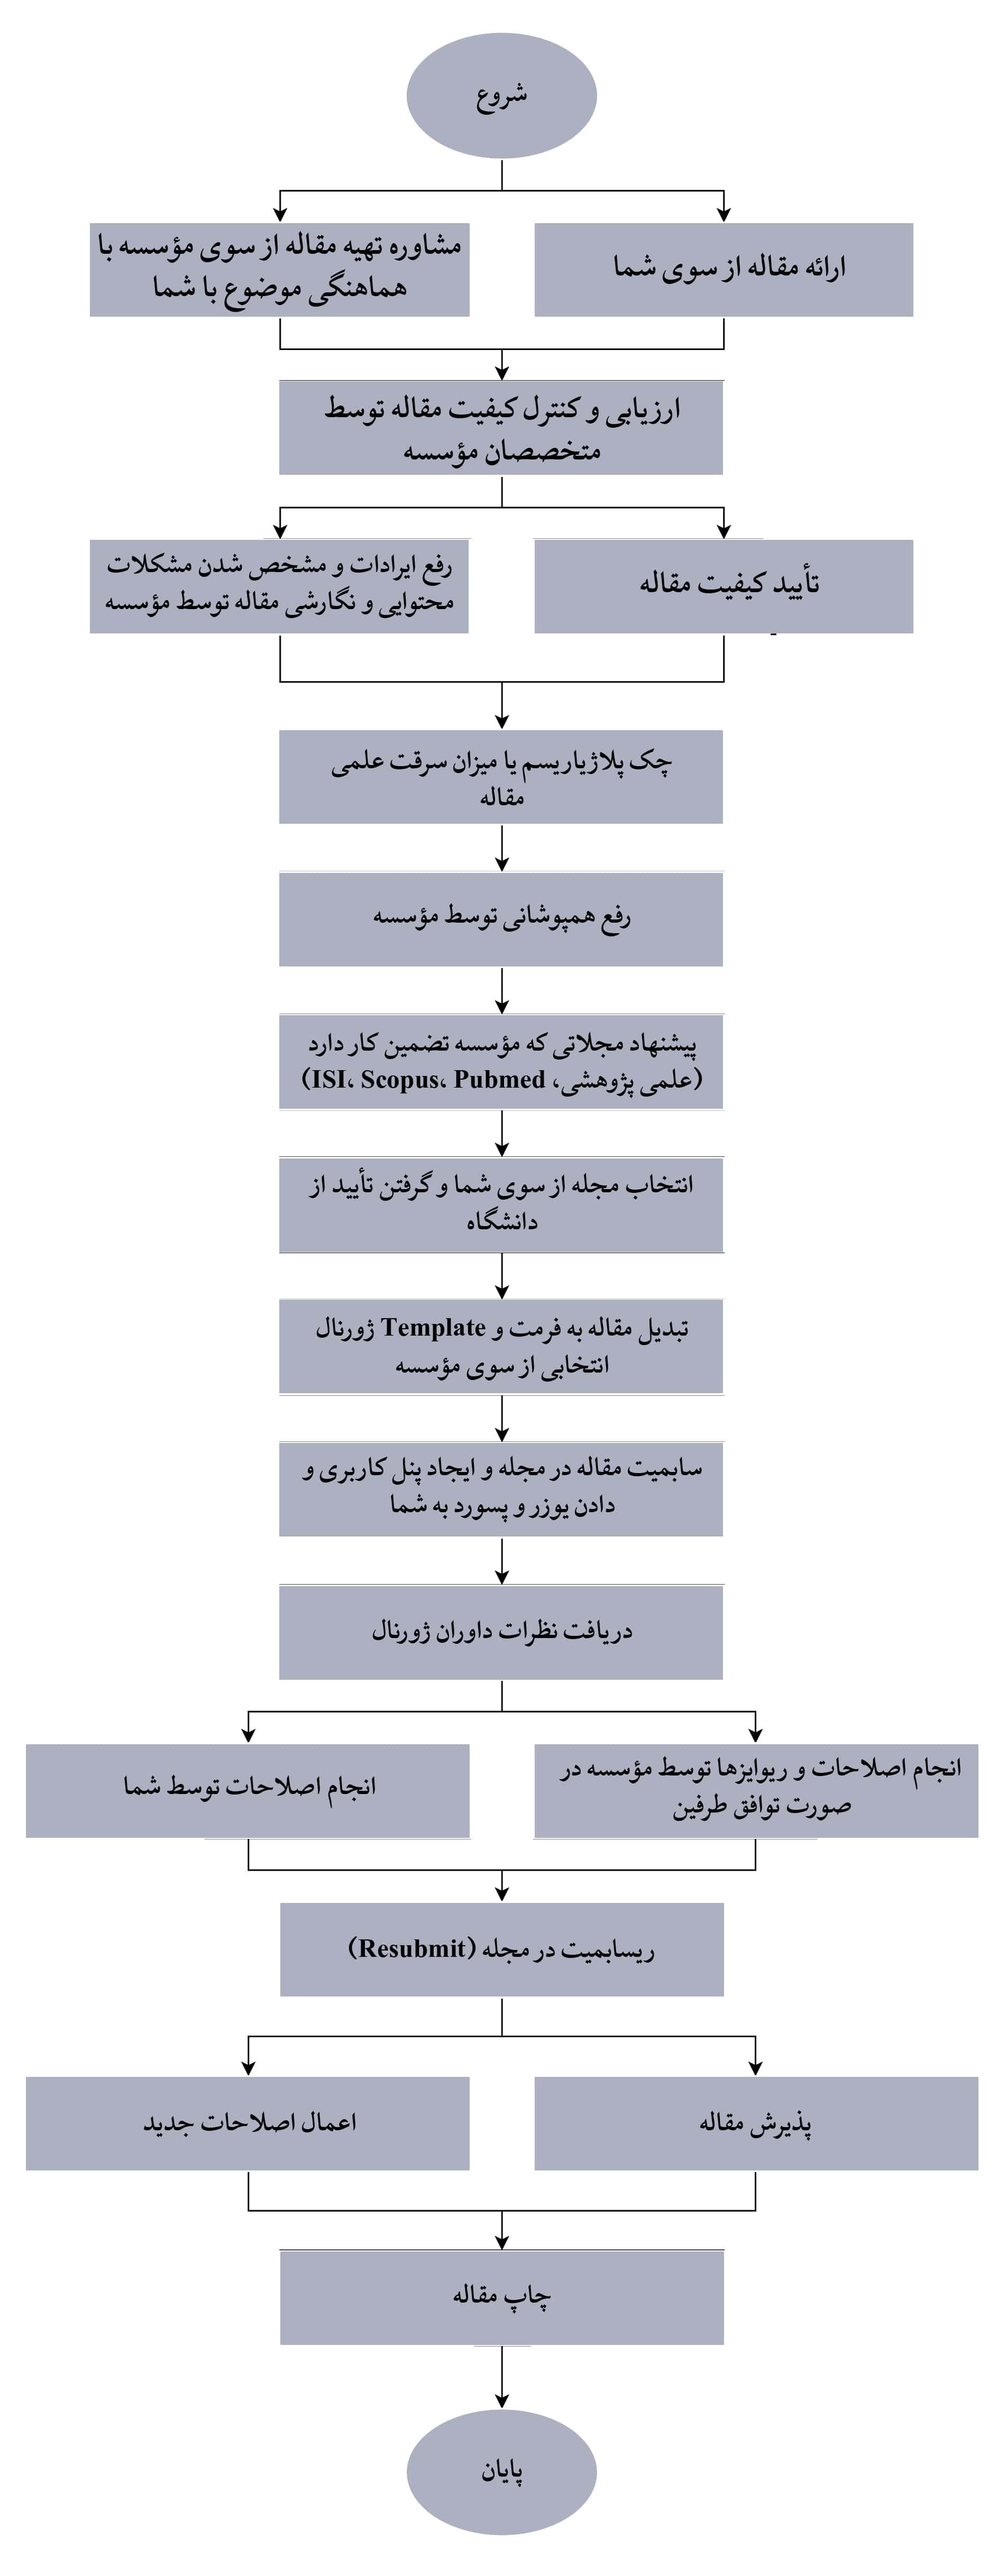 فرآیند پذیرش و چاپ مقالات علمی پژوهشی